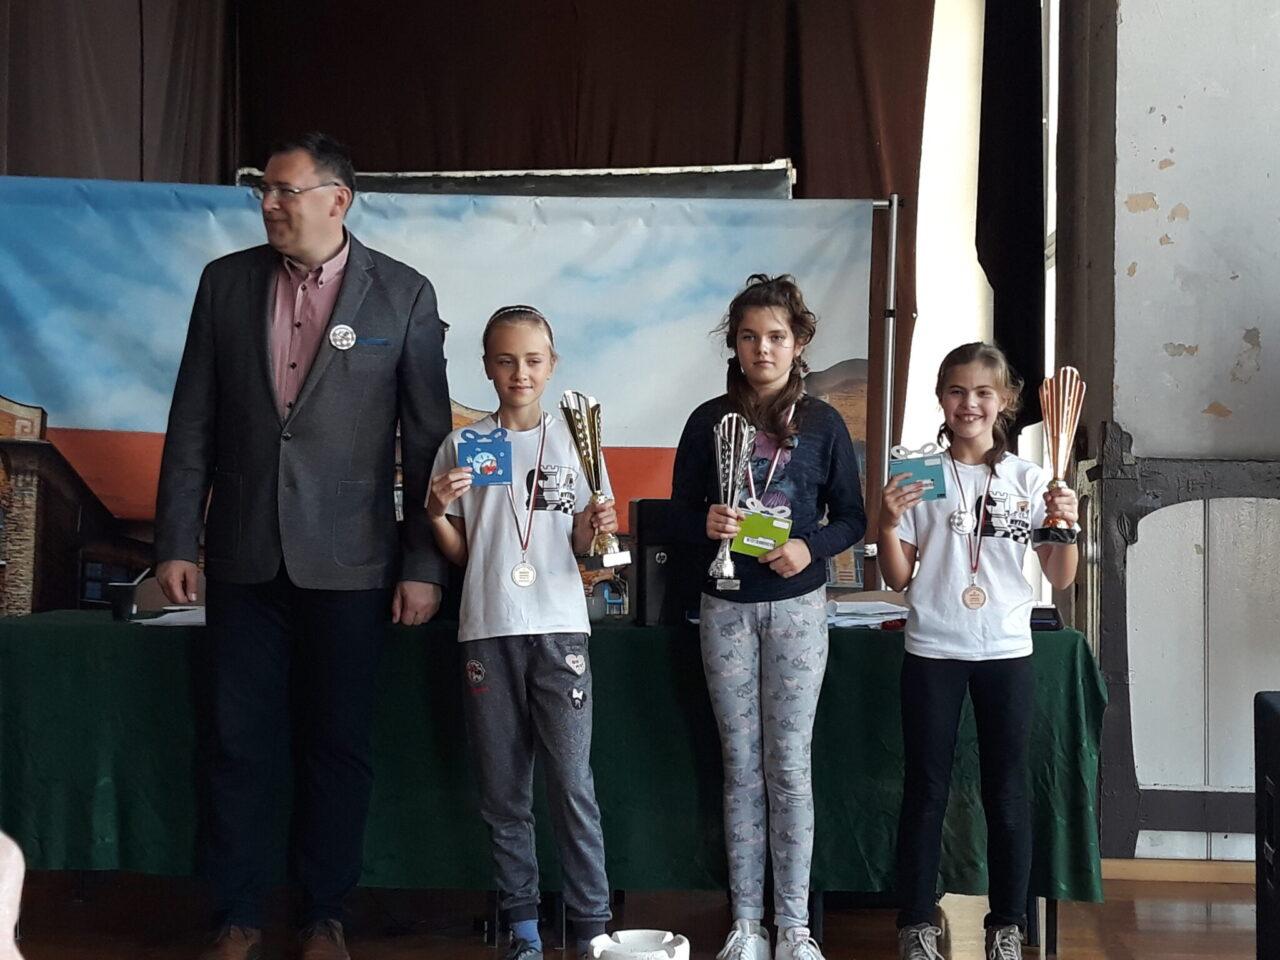 Wicemistrzostwo Polski Roksany Zapolskiej, Bytom, 19.10.2019